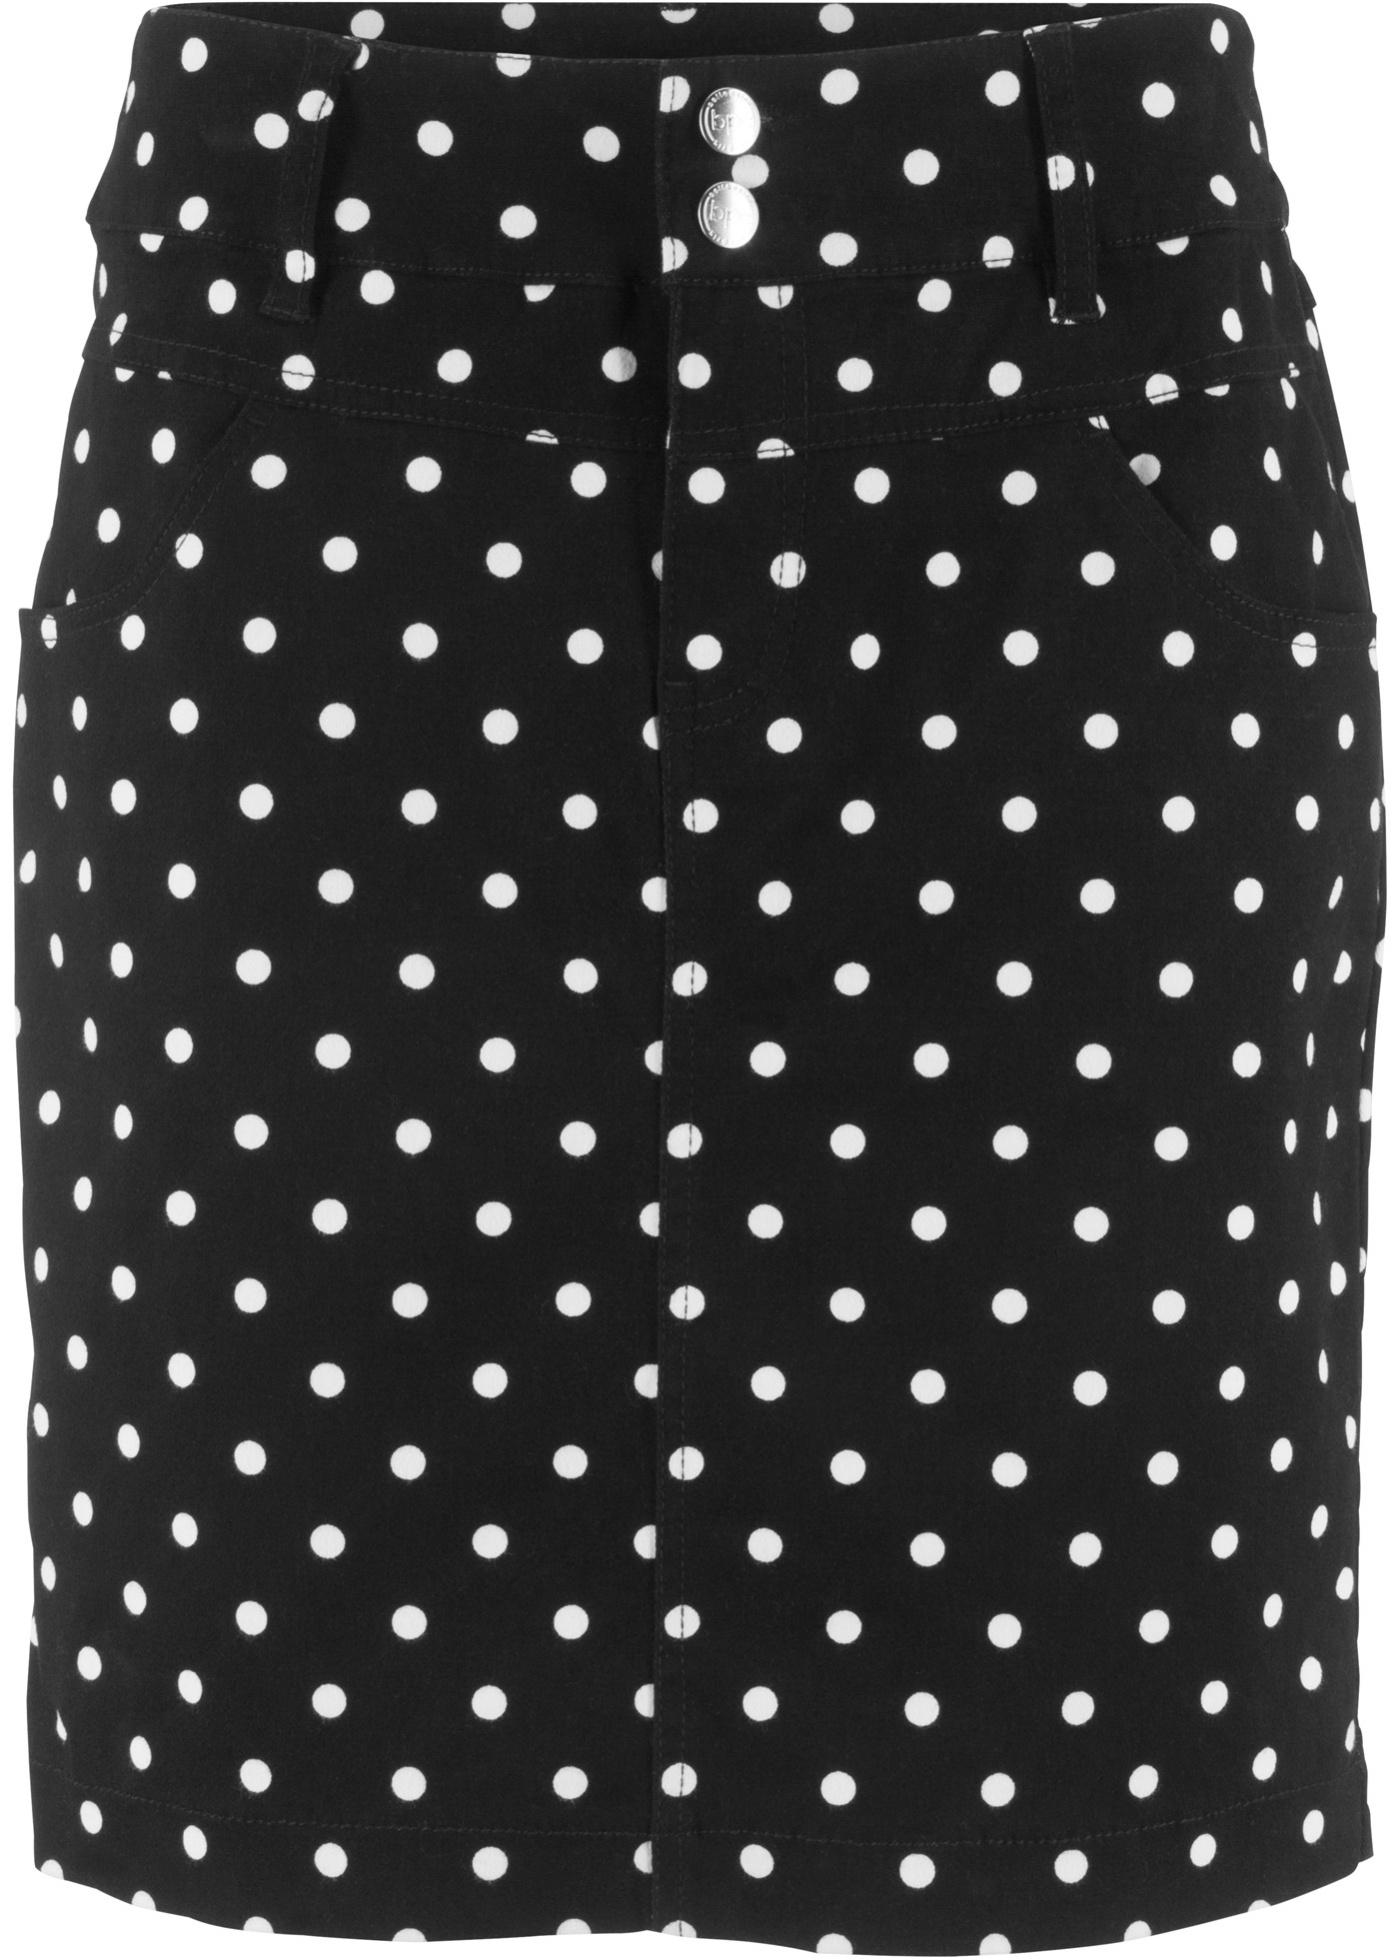 CollectionJupe Extensible En À Femme LycraPois Bonprix Pour Teneur Bpc Noir O80XPnwk